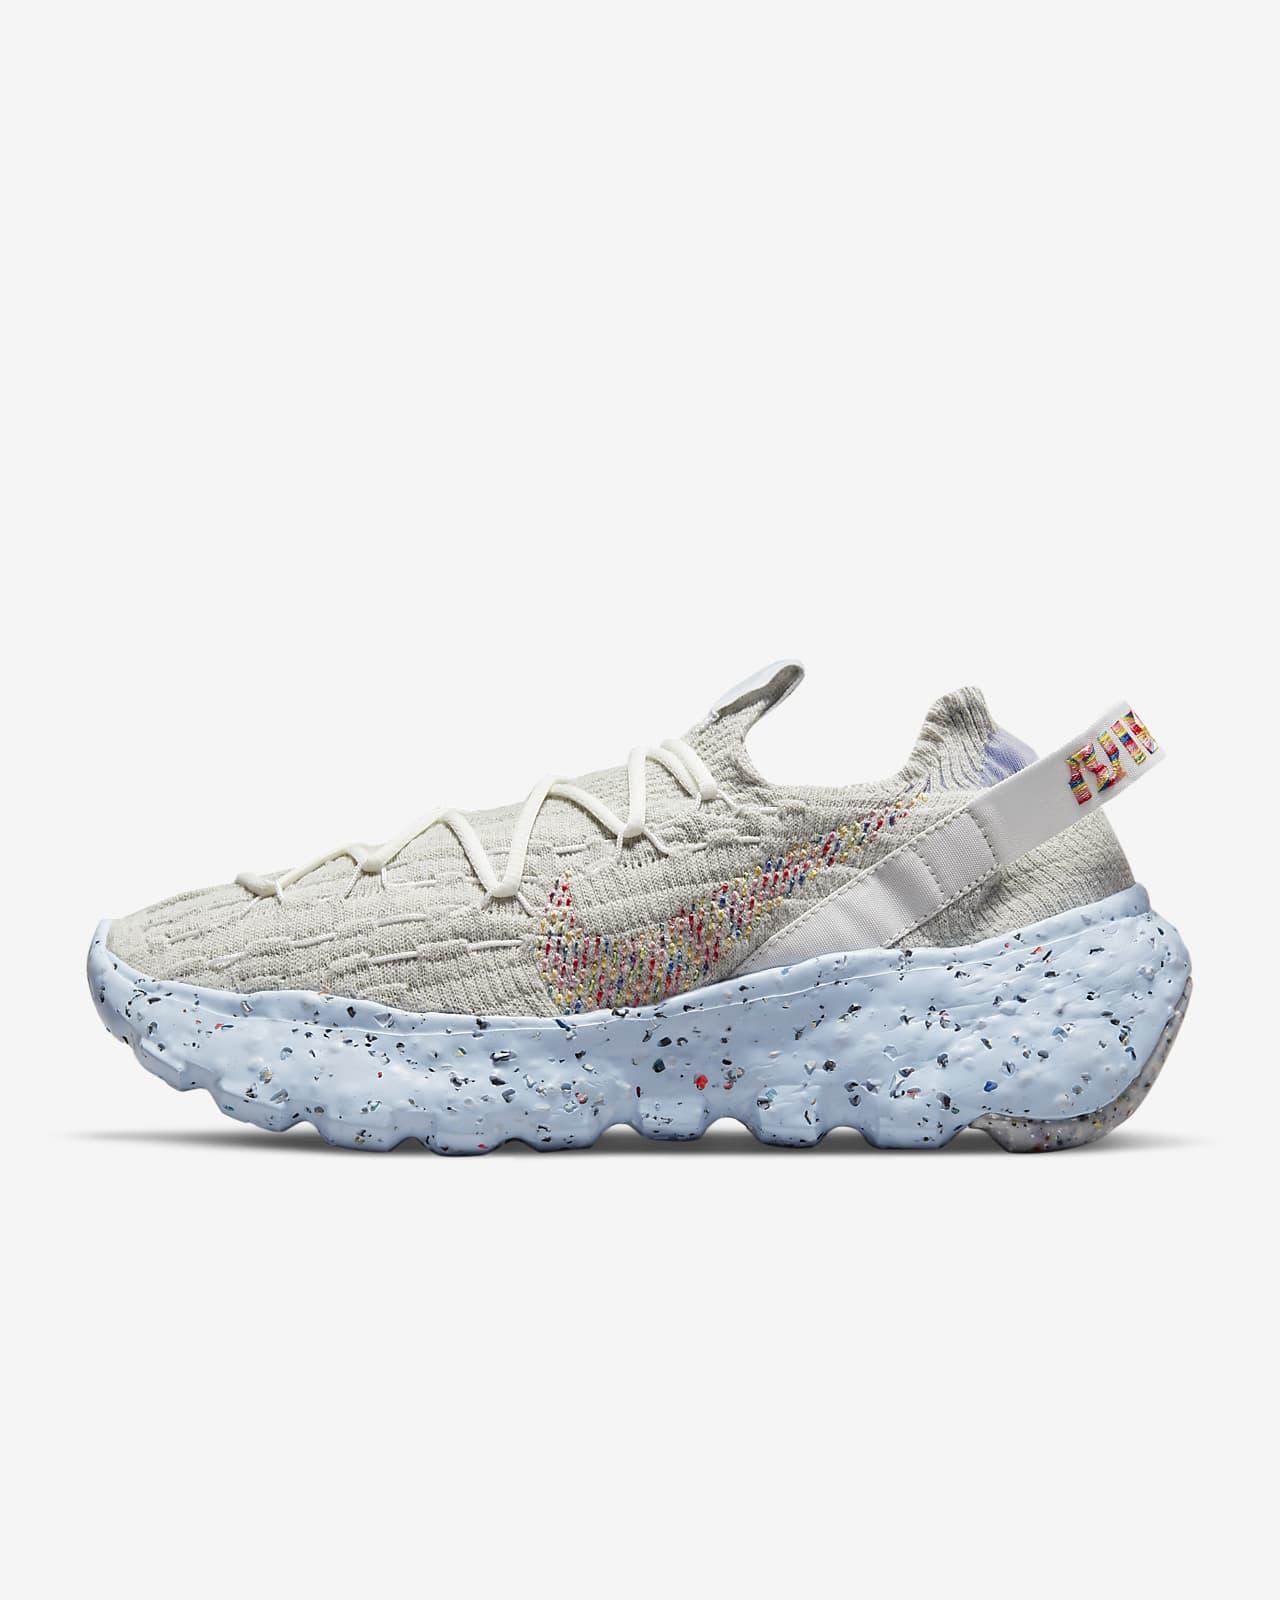 Nike Space Hippie 04 herresko